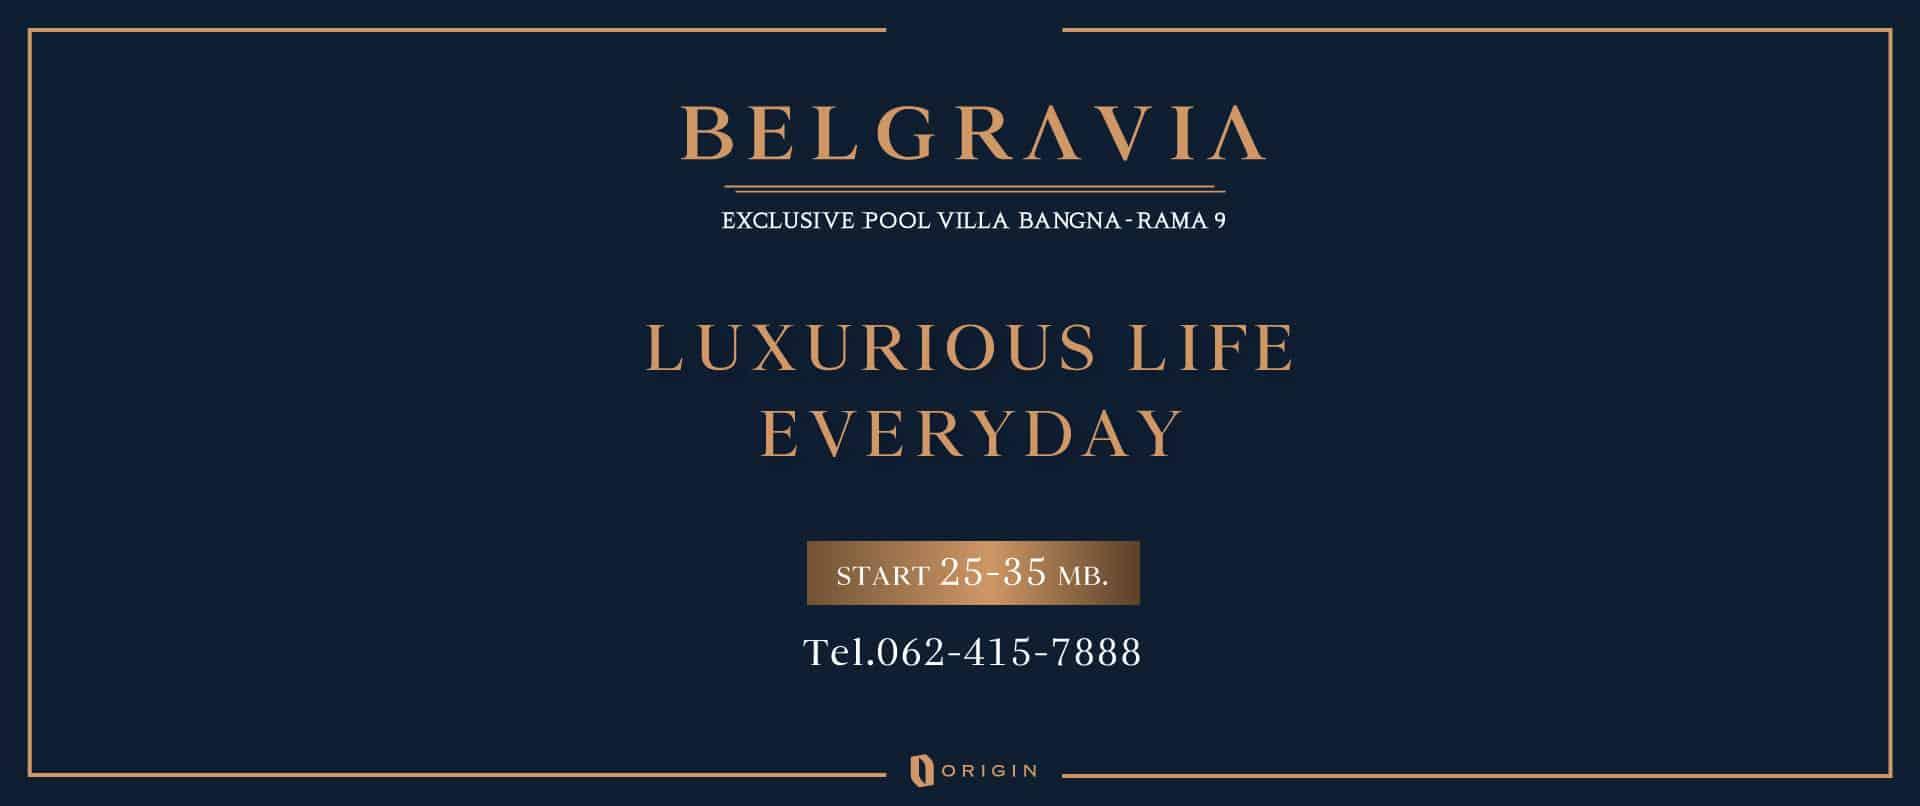 บ้าน belgravia บางนา